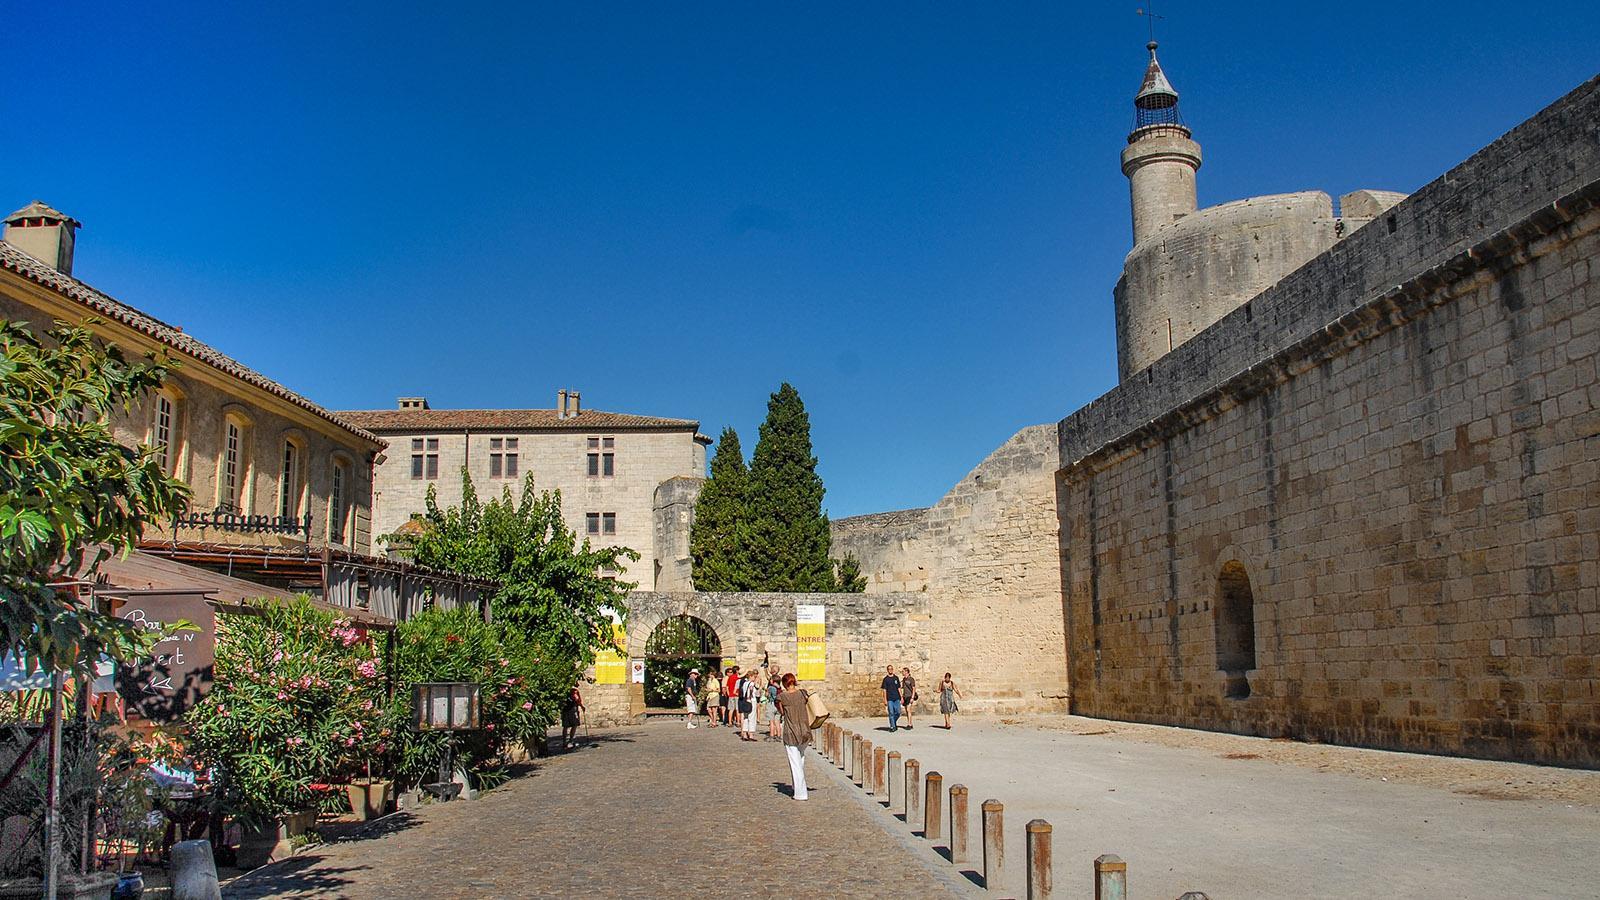 Direkt an der Stadtmauer mit der Tour de Constance findet ihr das Hôtel des Remparts. Foto: Hilke Maunder